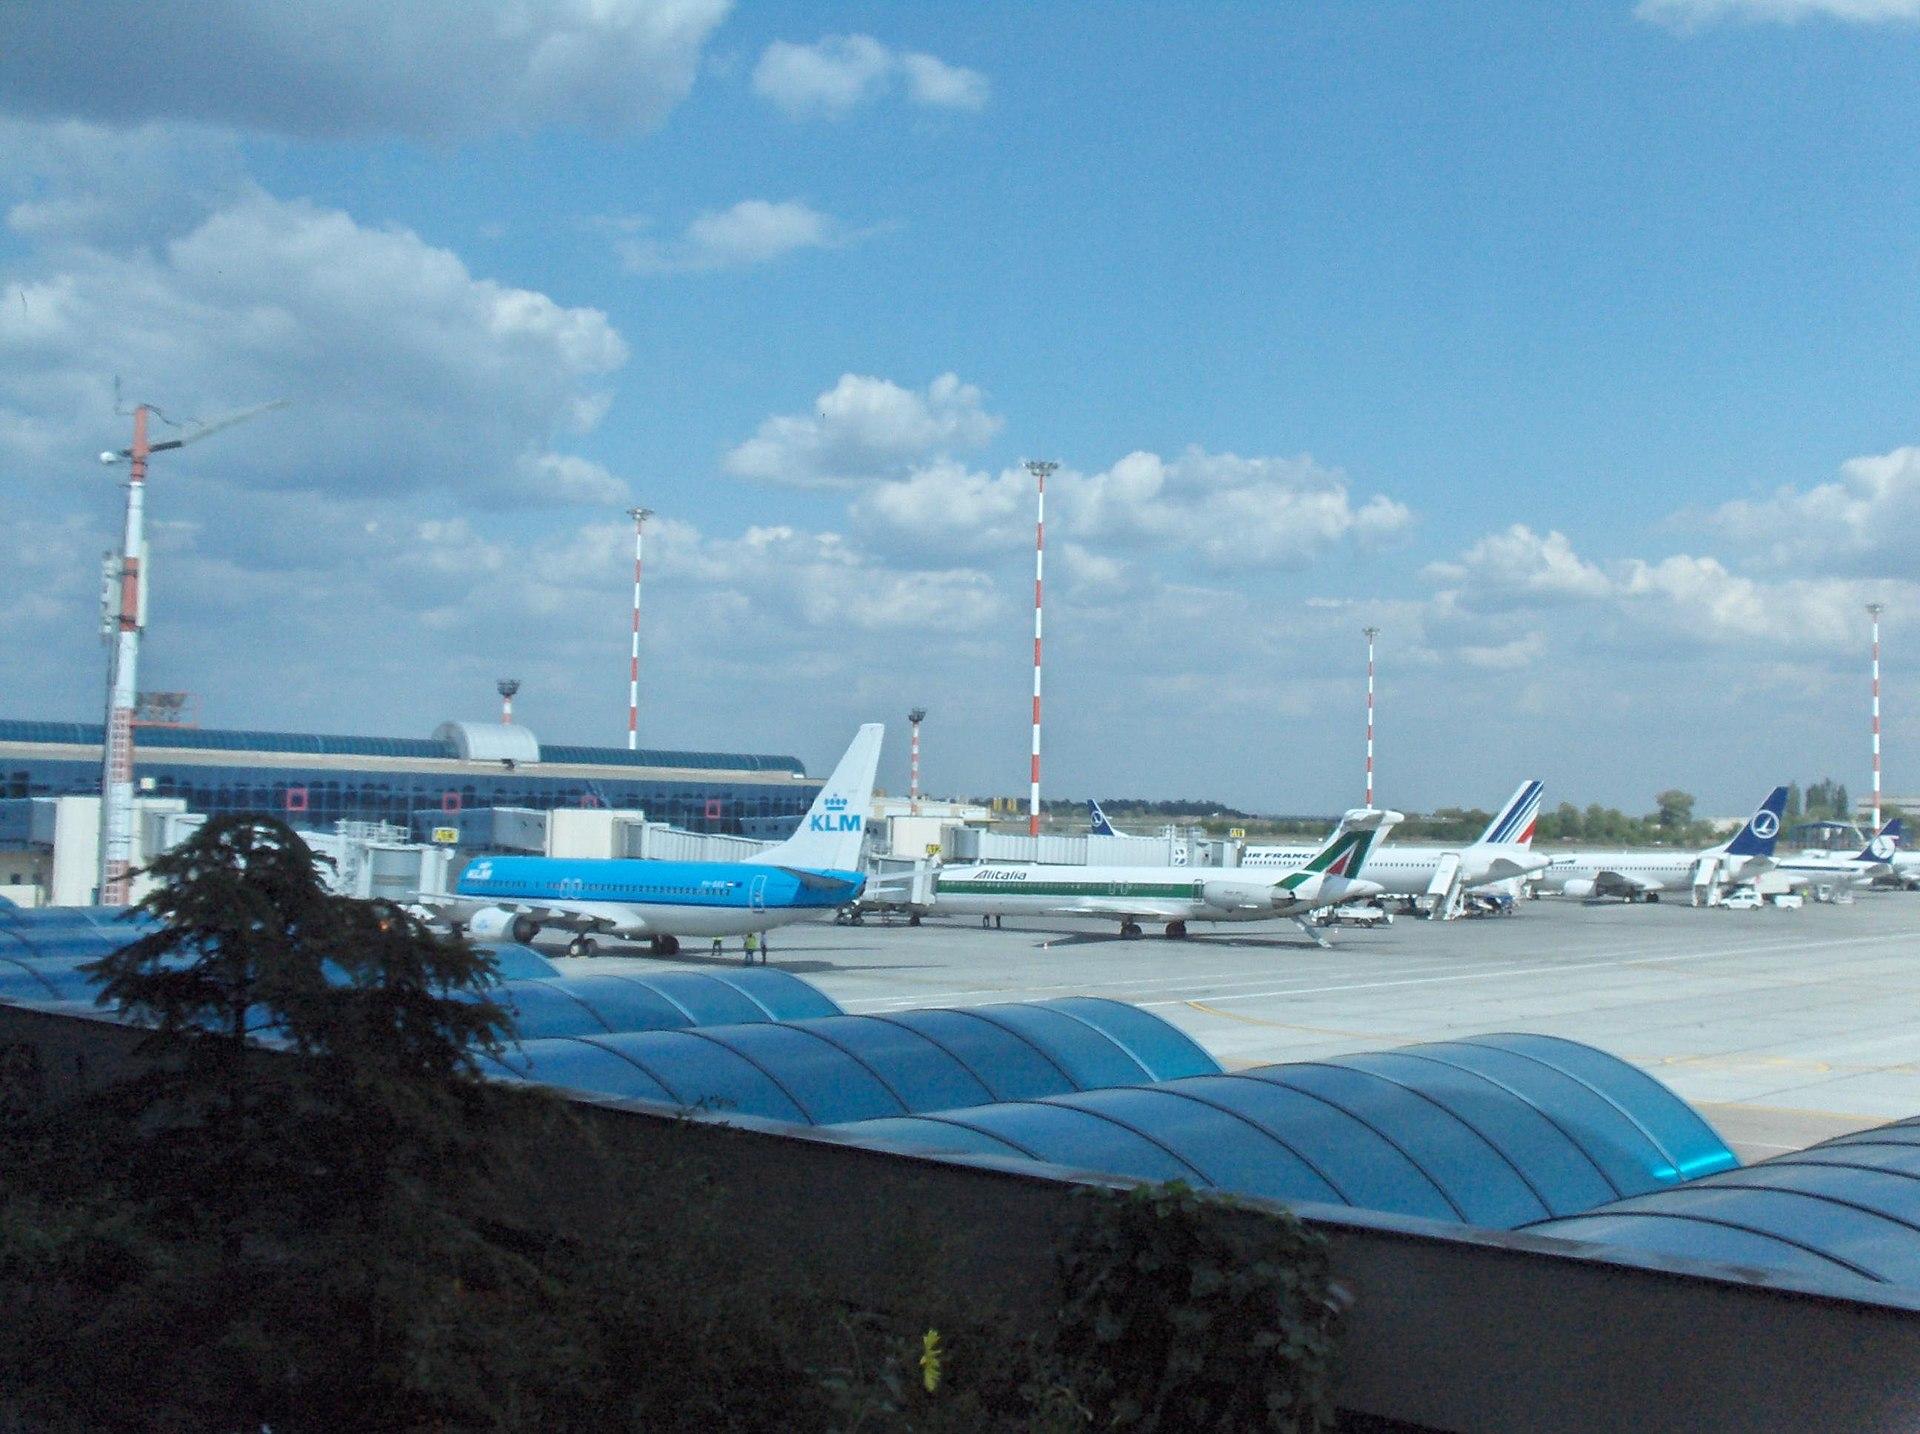 Aeroporto Bucarest : Aeroporto di bucarest henri coandă wikipedia